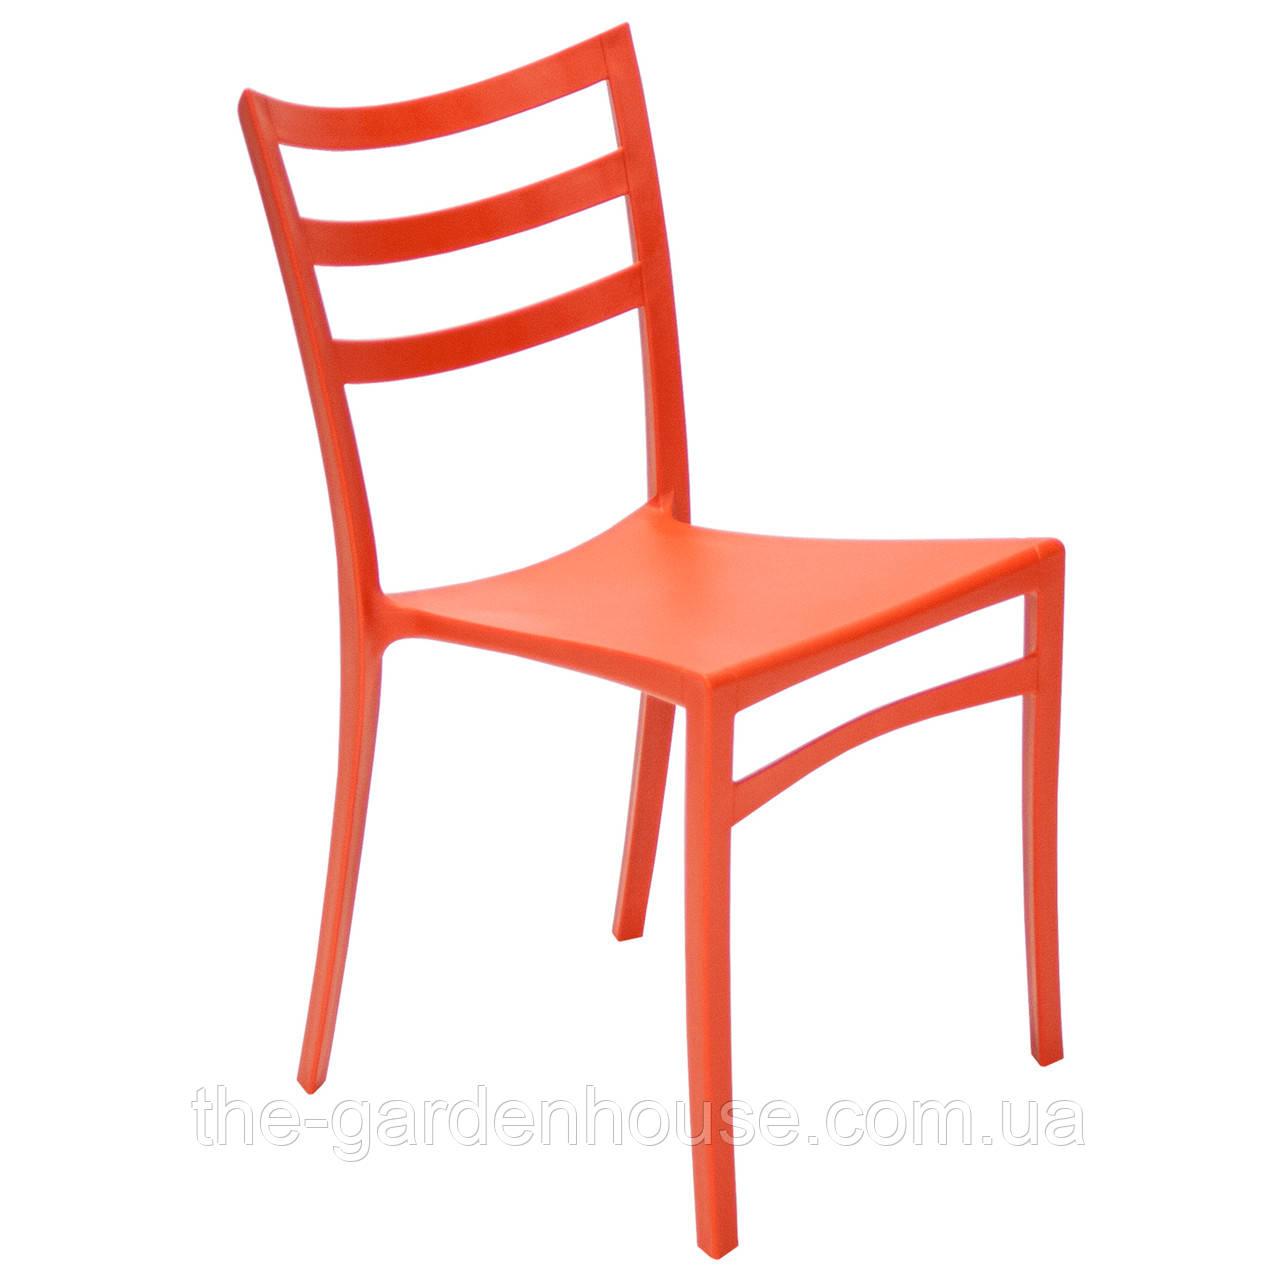 Пластиковый стул с металлическим каркасом Maka оранжевый